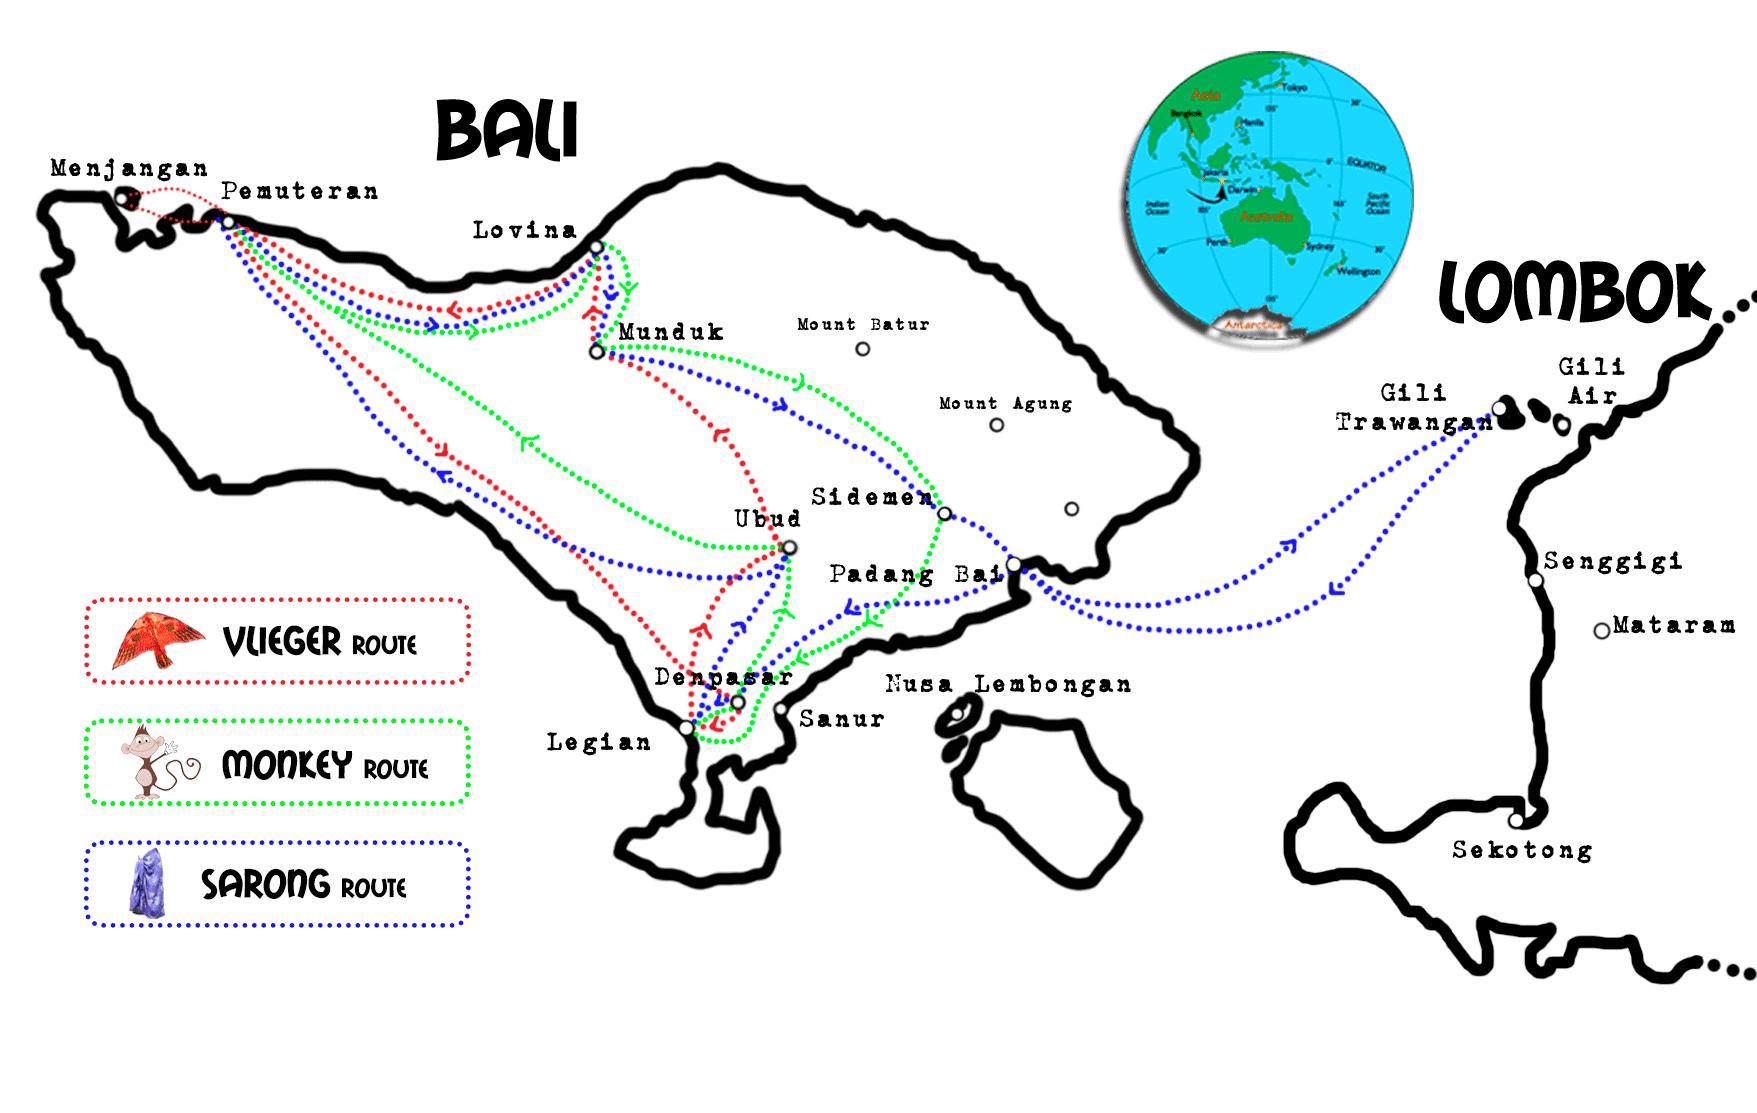 Kaart Bali